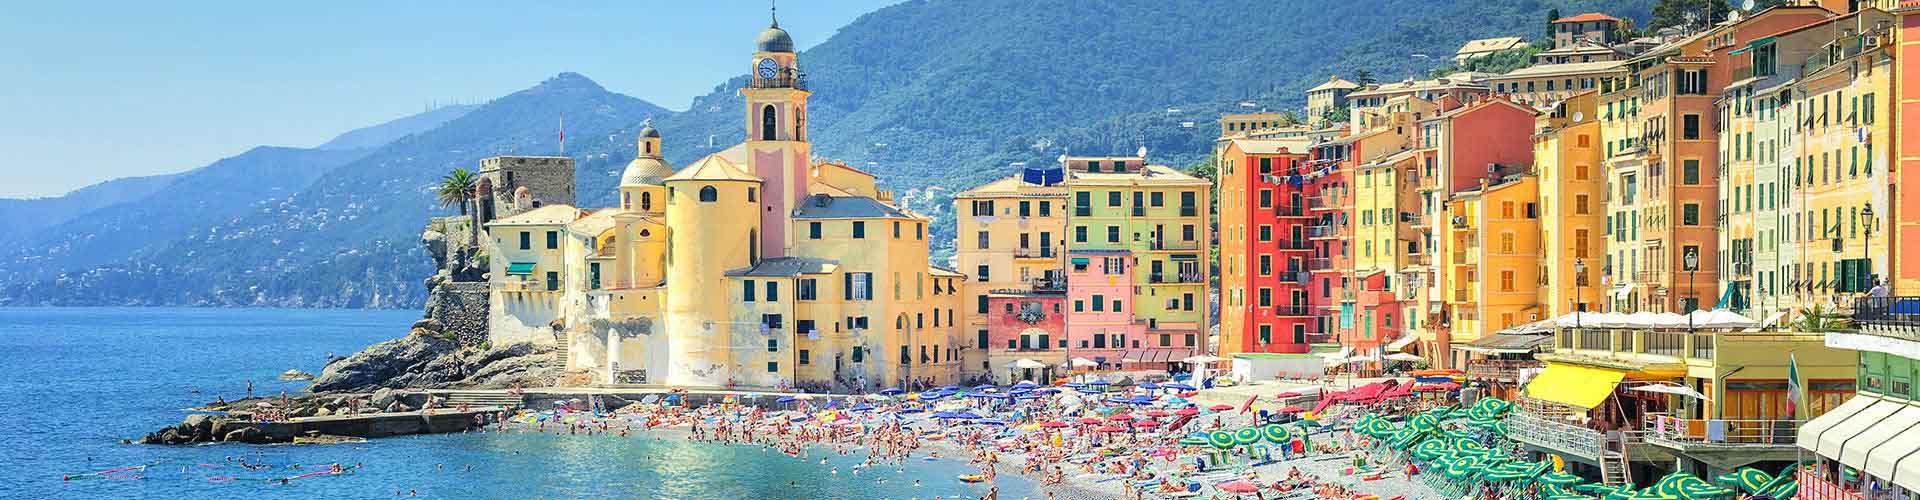 제노아 - Maddalena지역에 위치한 호스텔. 제노아의 지도, 제노아에 위치한 호스텔에 대한 사진 및 리뷰.